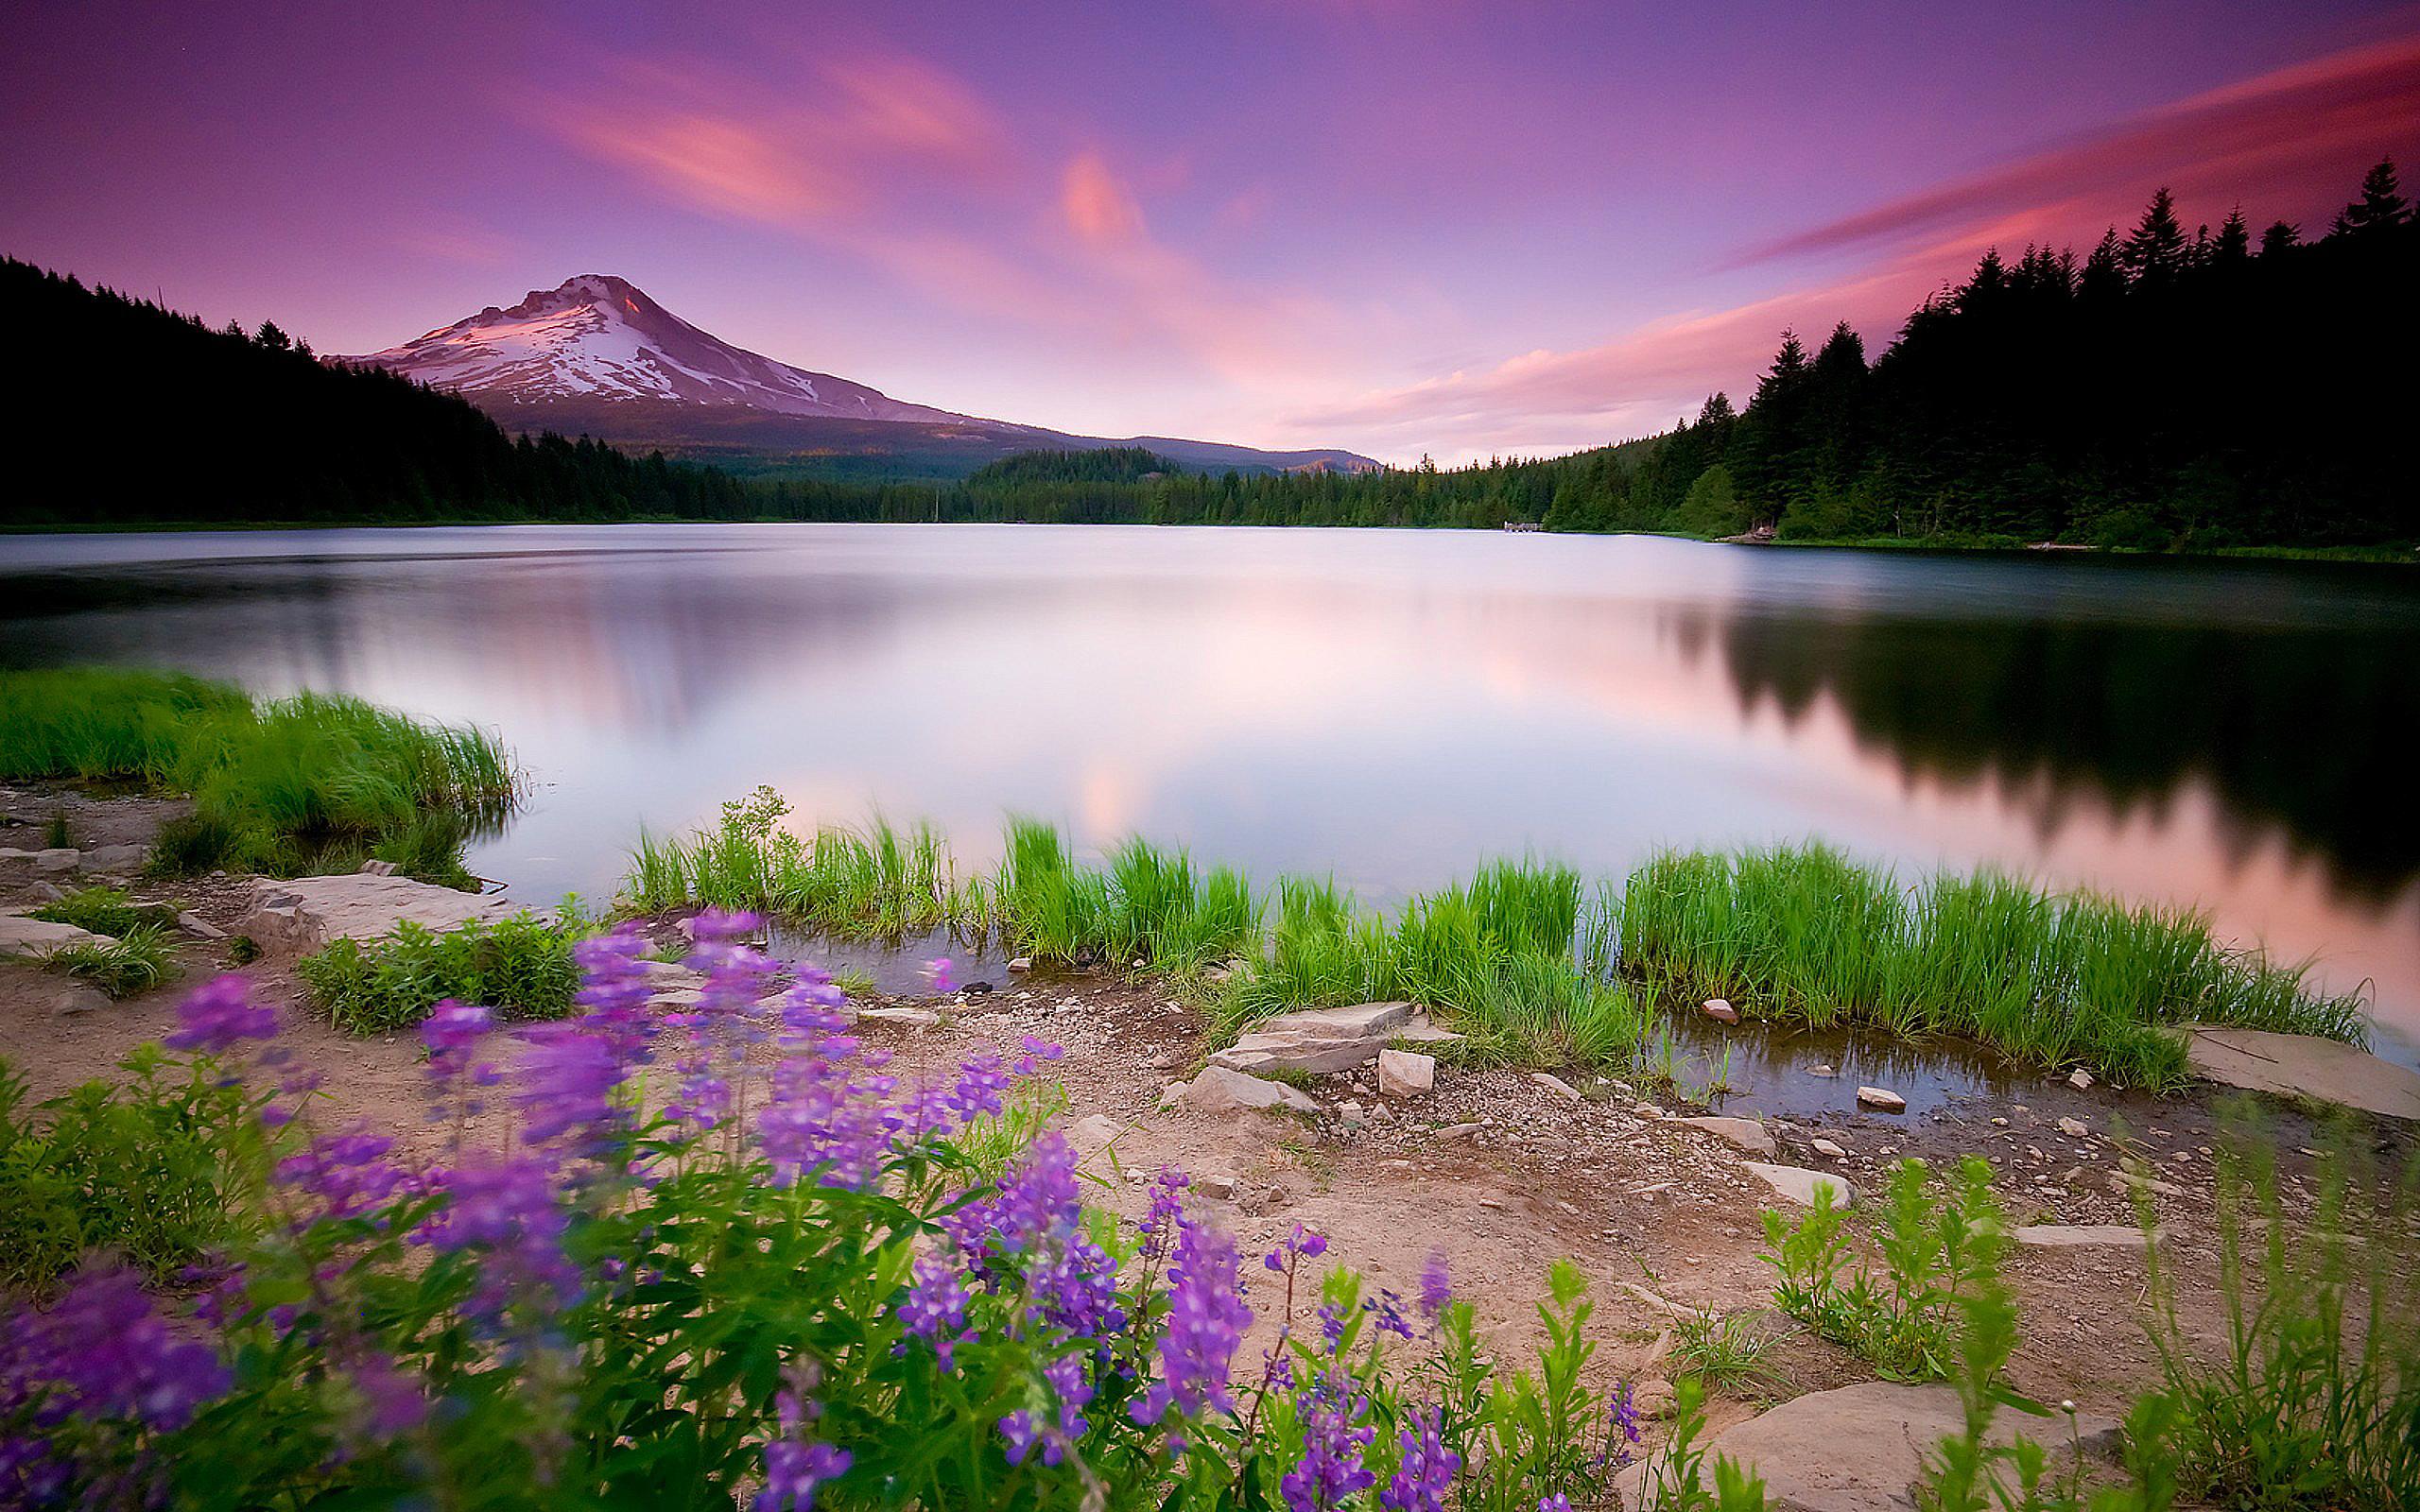 Landscape Photos